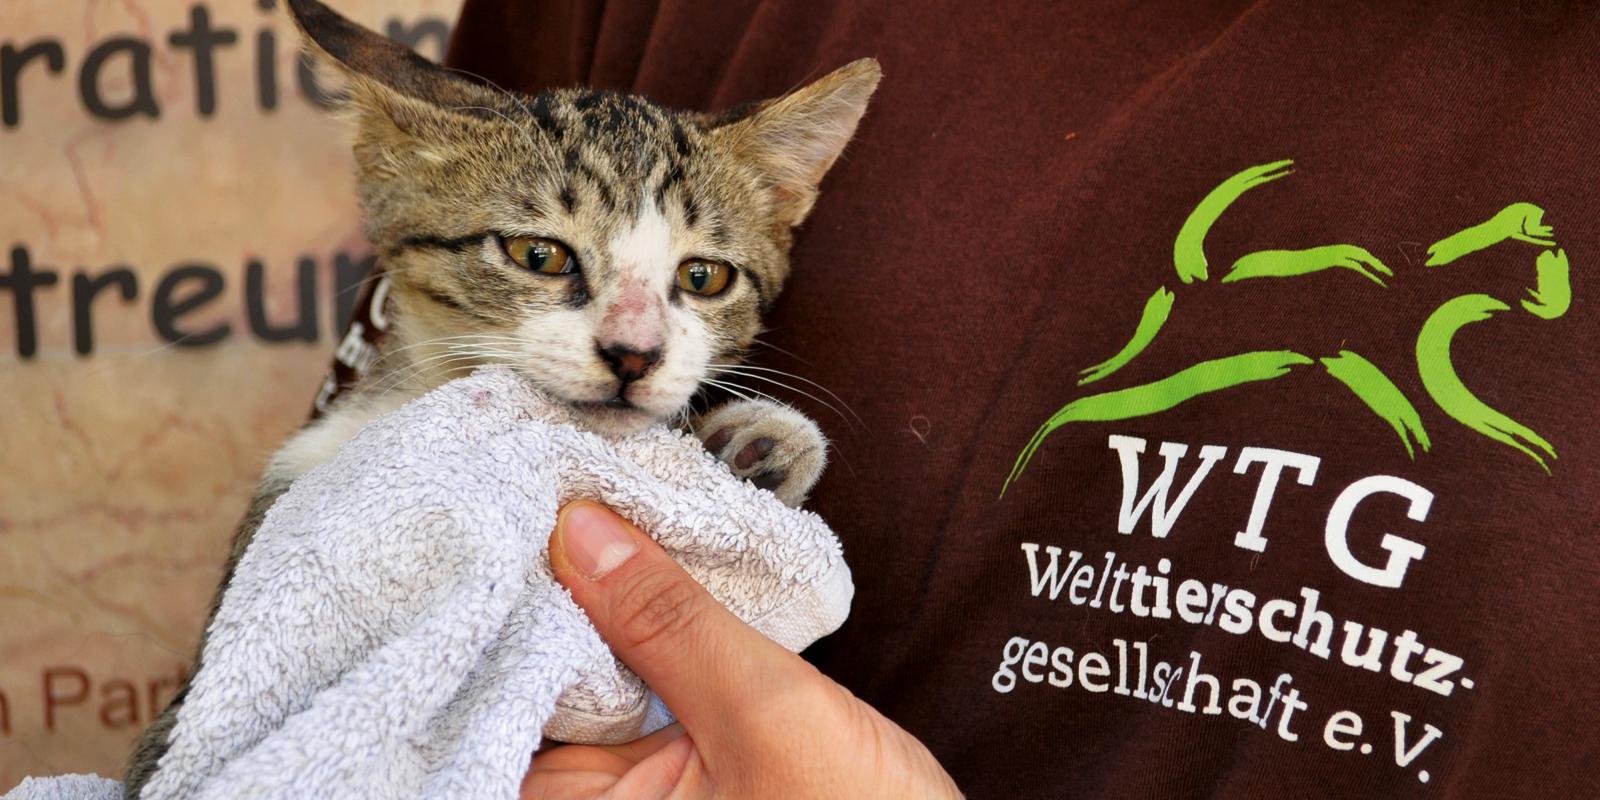 In der Klinik werden die Straßenkatzen kastriert und versorgt